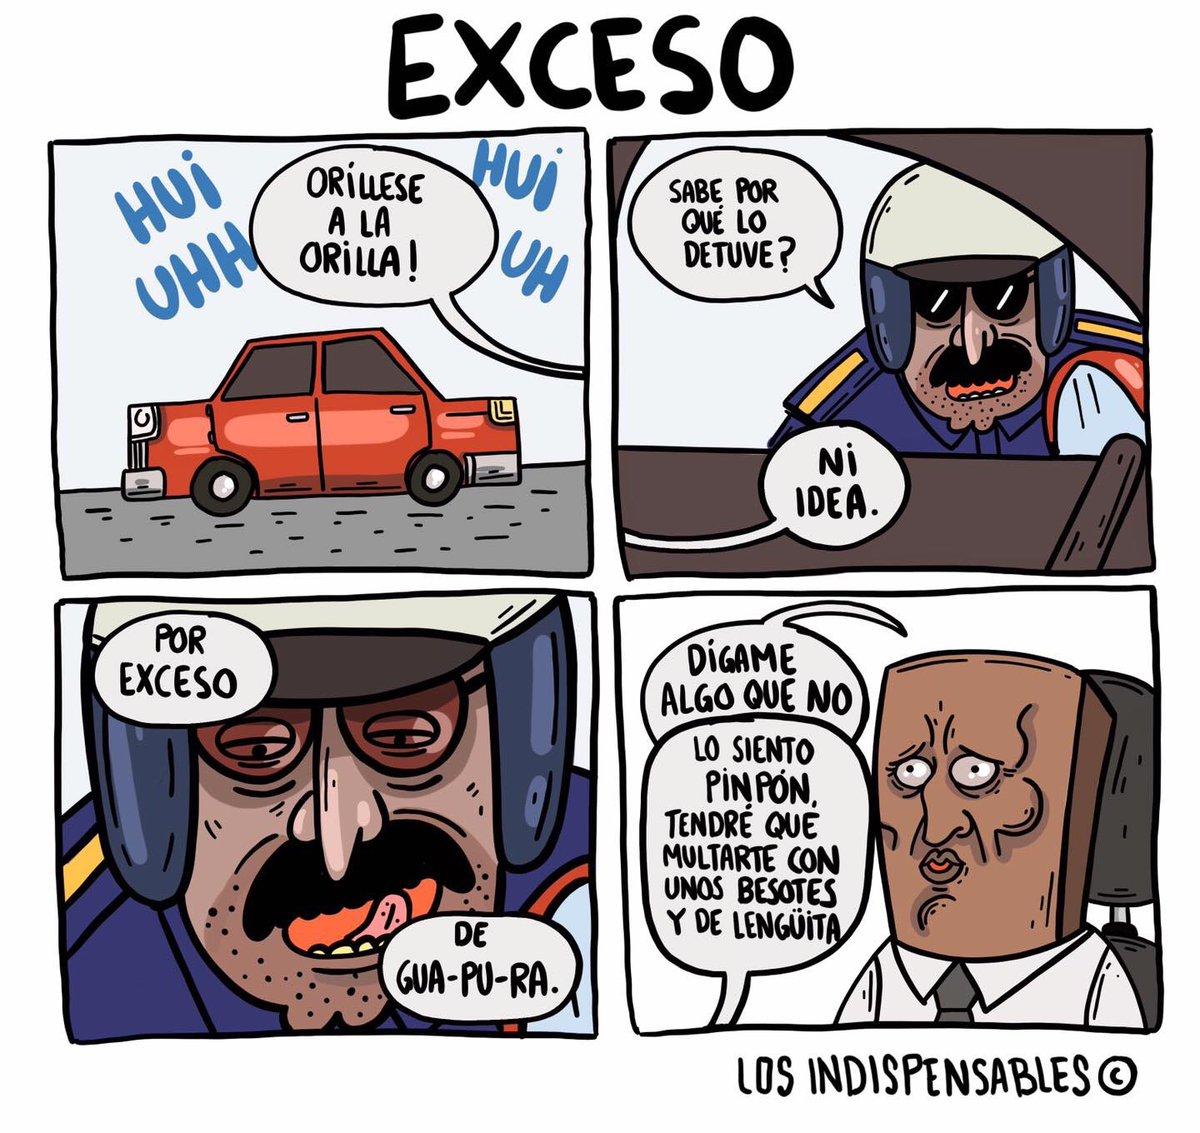 El muñeco más guapo y de cartón #meme #BuenasNochesATodos #Mexico